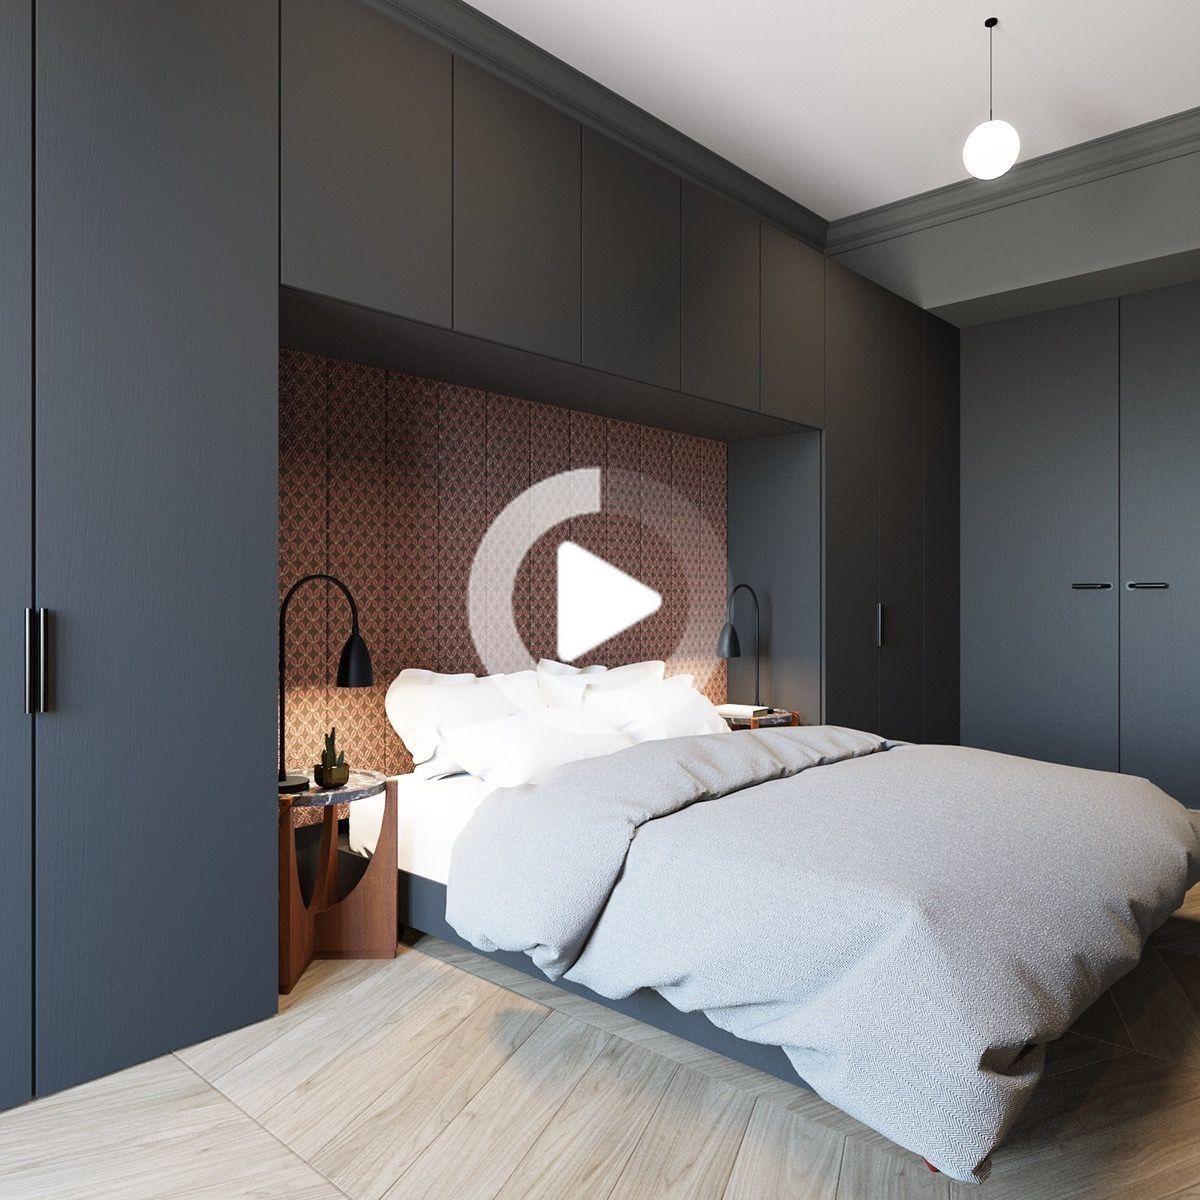 2 Bien Arrondi Home Designs De Moins De 600 Pieds Carres Comprend La Mise En Page Bedroom In 2020 Small Apartment Room Small Bedroom Bedroom Layouts